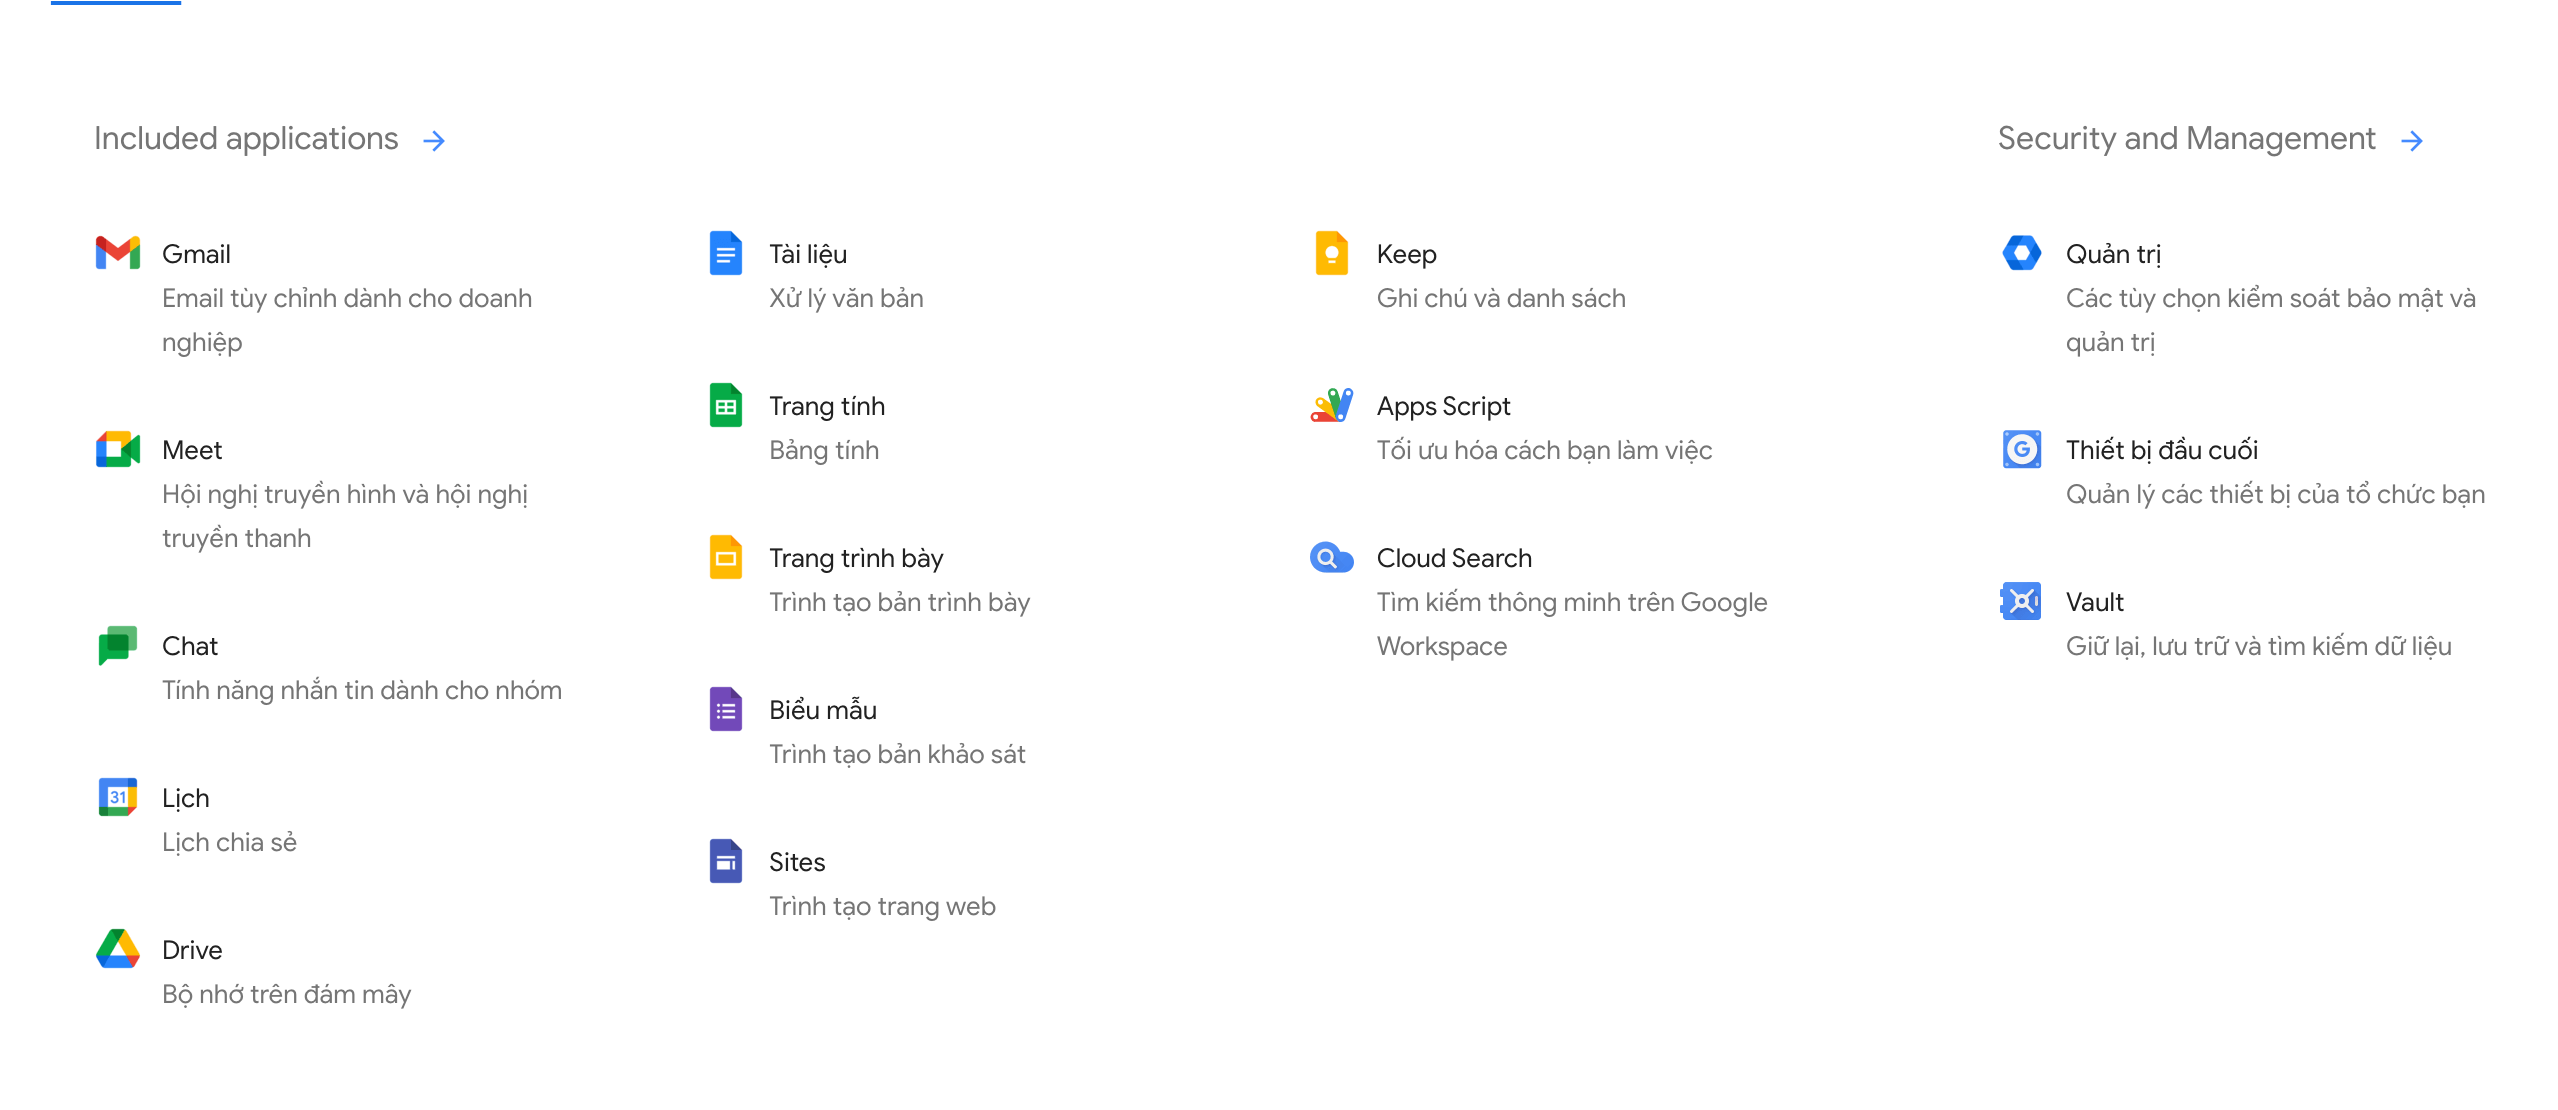 Tính năng chính của Google Workspace